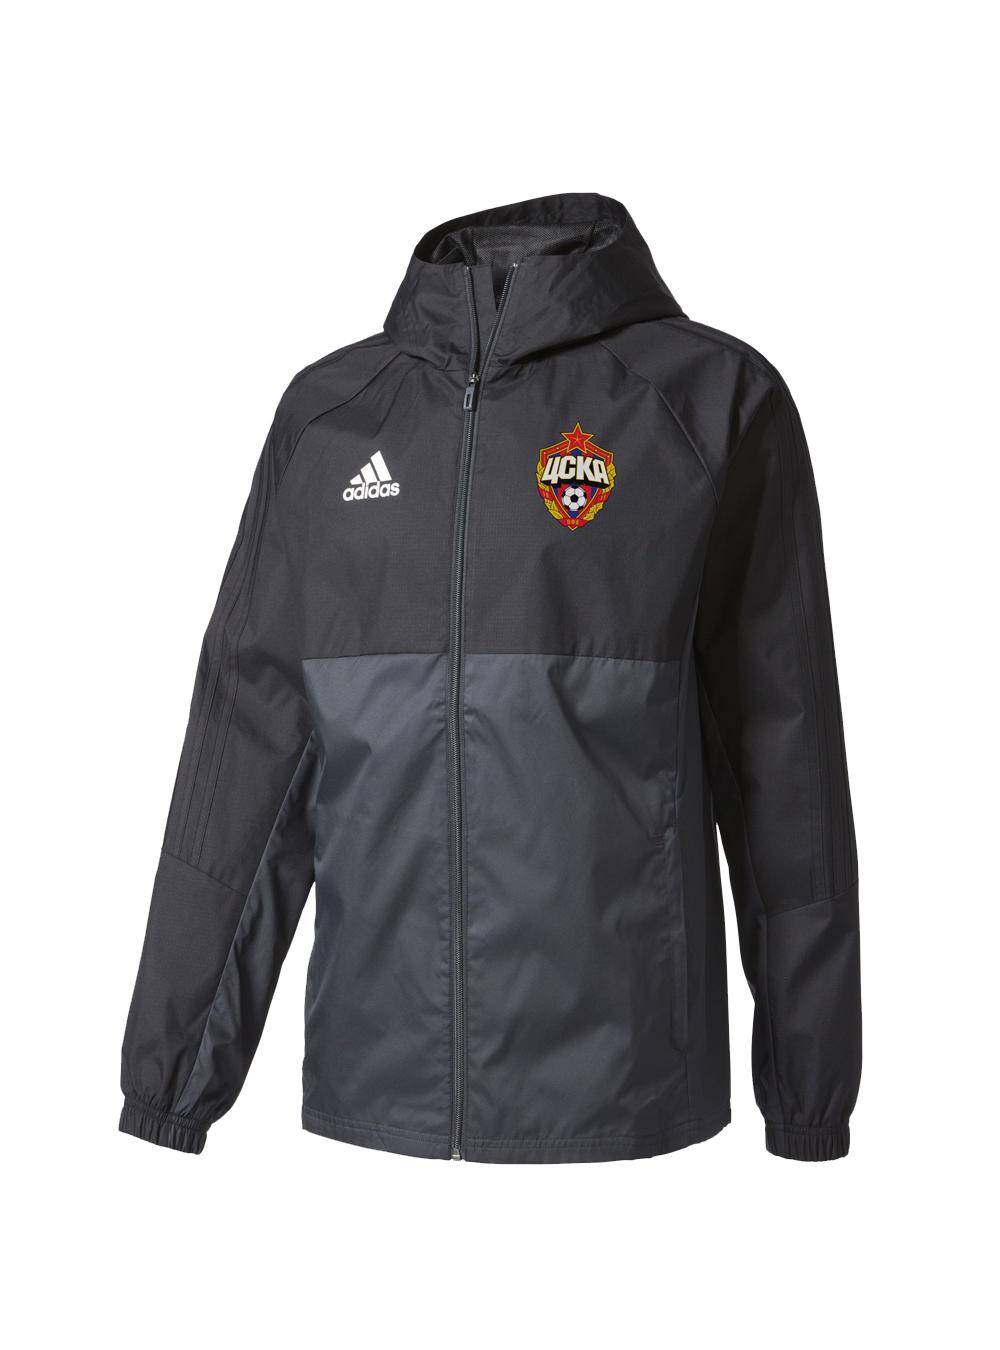 Куртка ветрозащитная с капюшоном, цвет черный (S)Экипировка 2017/2018<br>Куртка ветрозащитная с капюшоном, цвет черный<br>